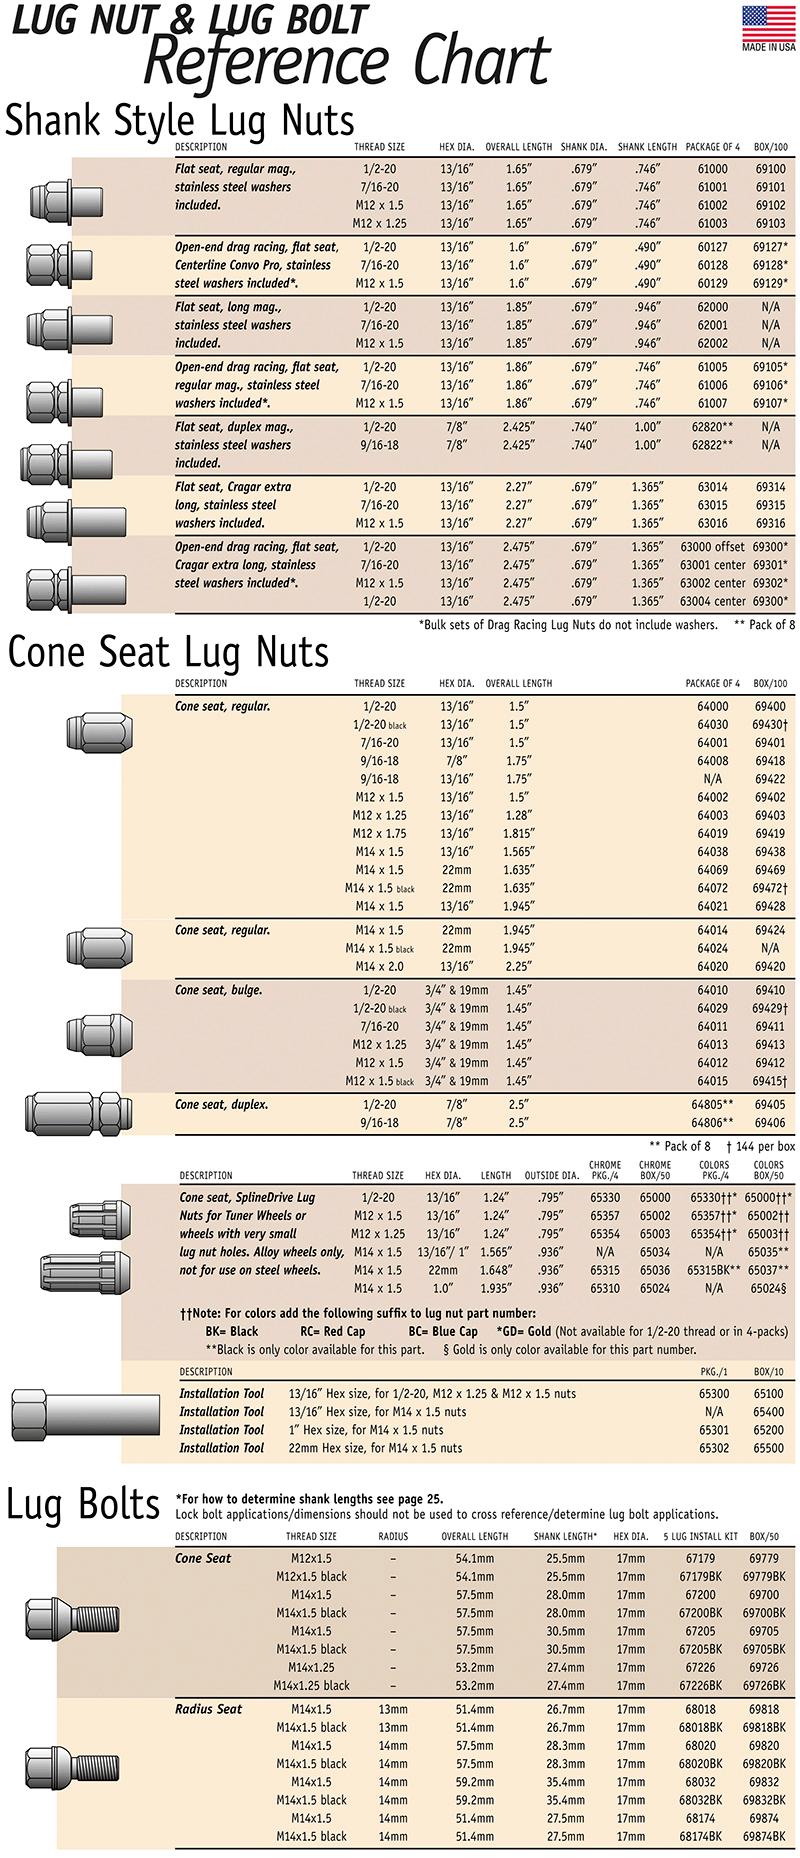 Lug Nut & Lug Bolt Reference Chart